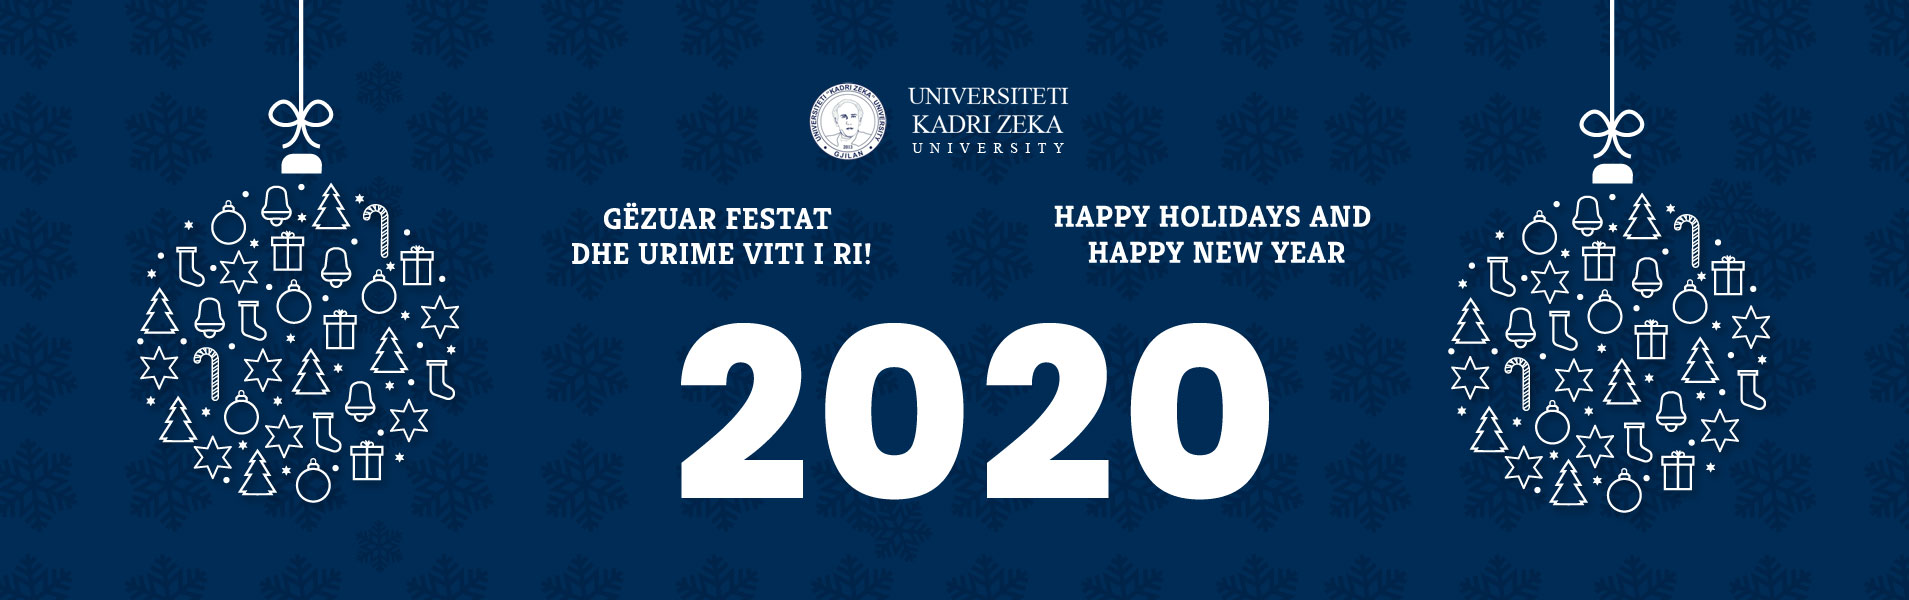 Rezultate imazhesh për urimet per 2020